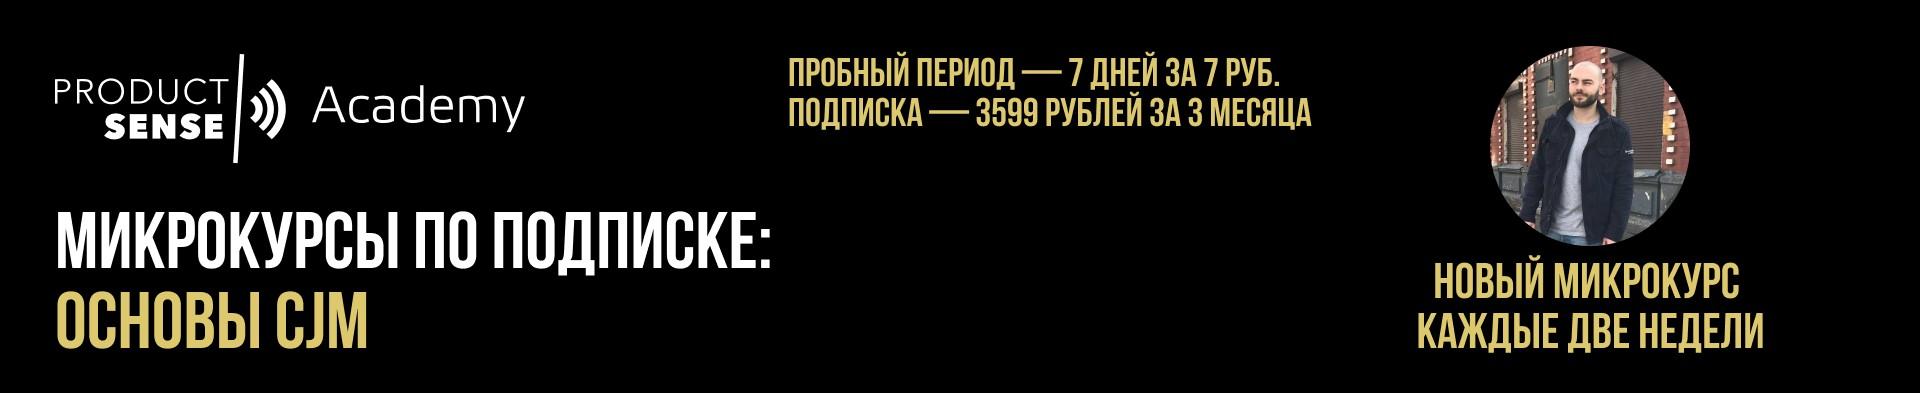 Микрокурс «Основы CJM» — Дмитрий Капаев